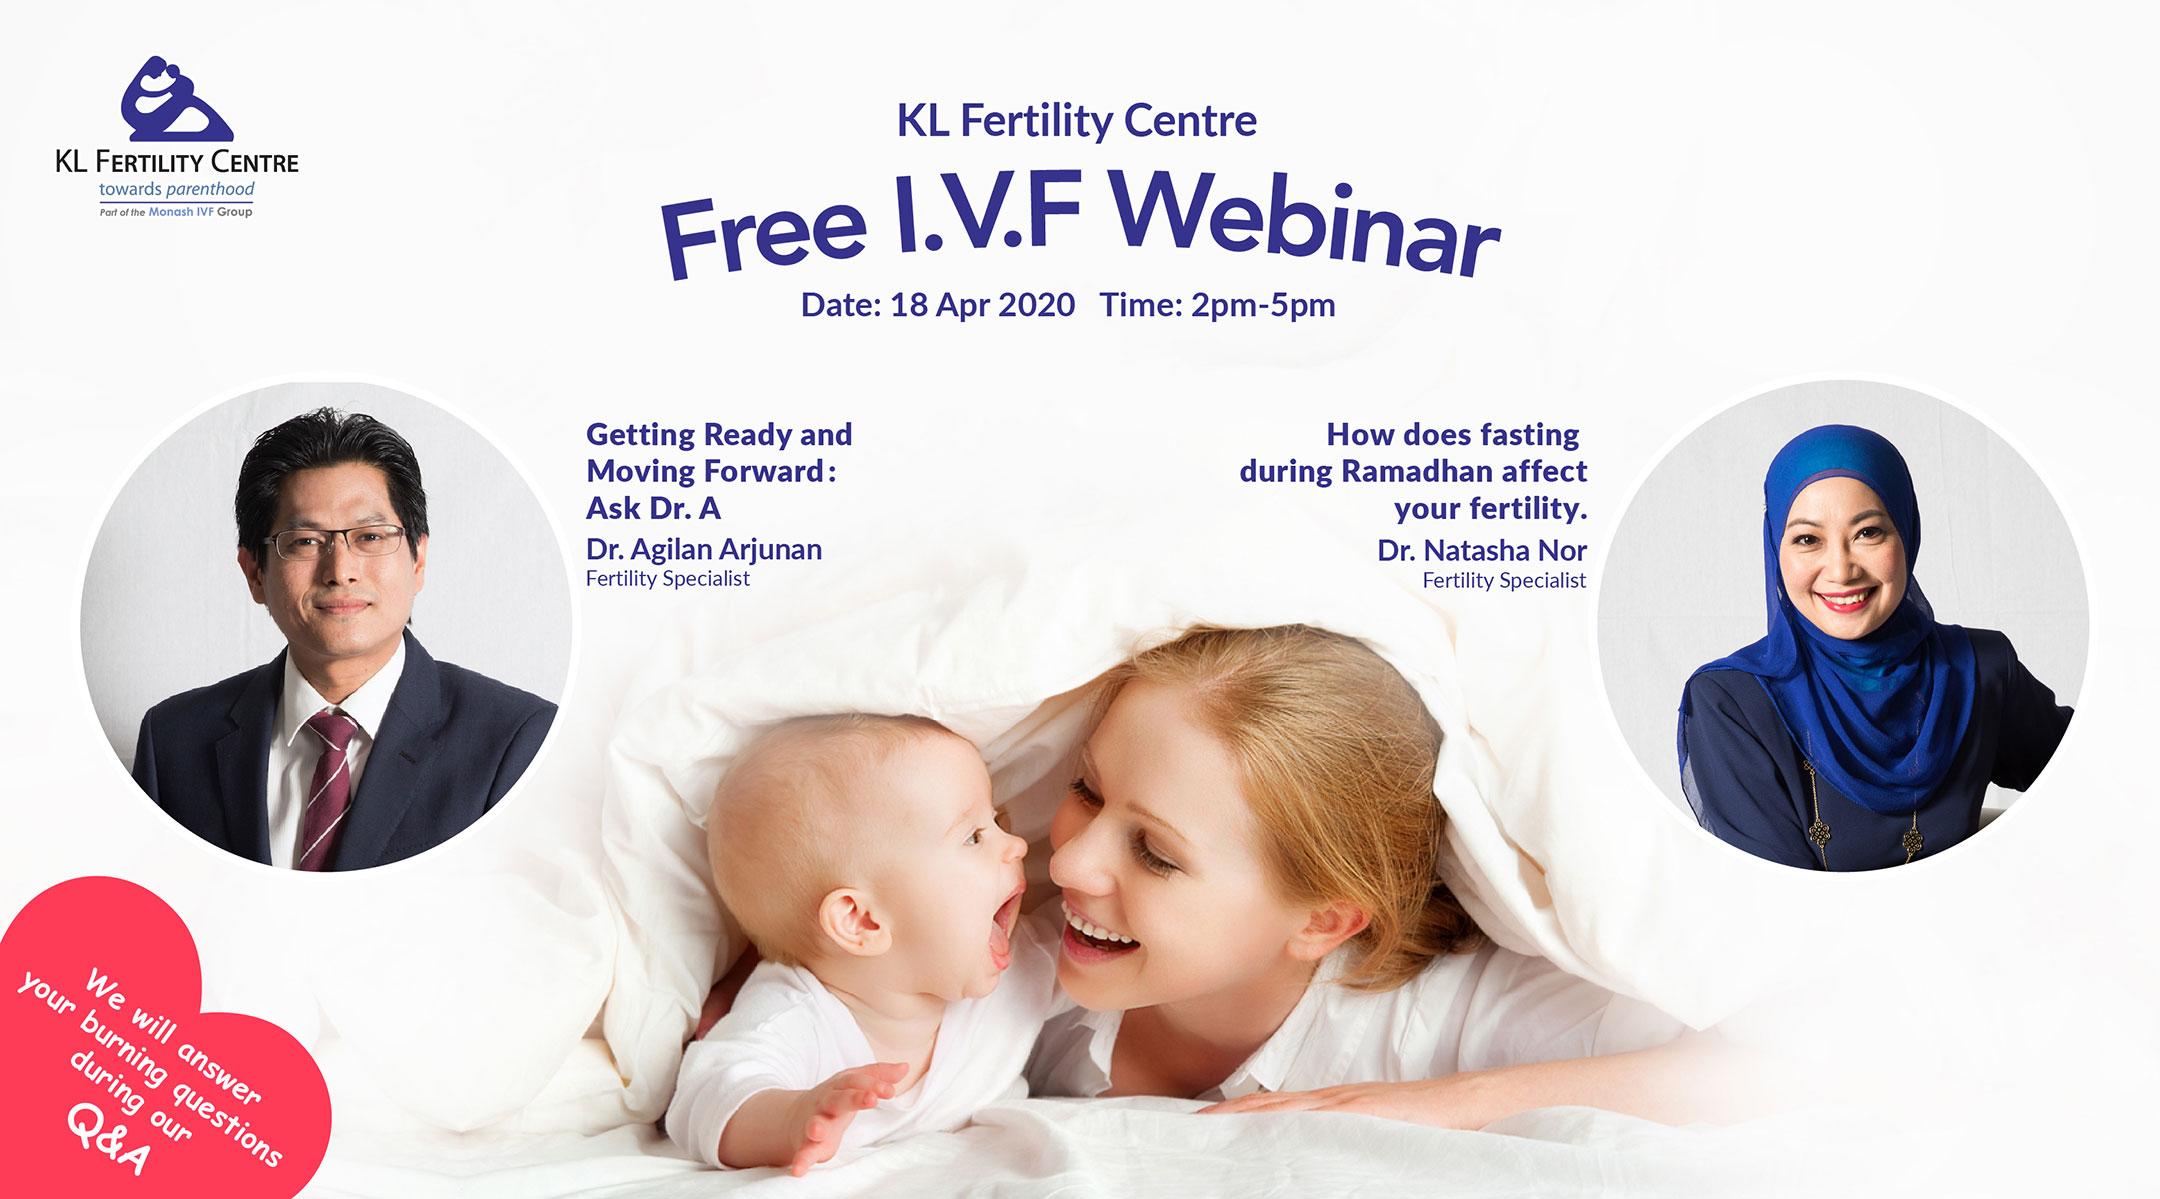 Free IVF Webinar 18 April 2020 - Dr. Agilan & Dr. Natasha